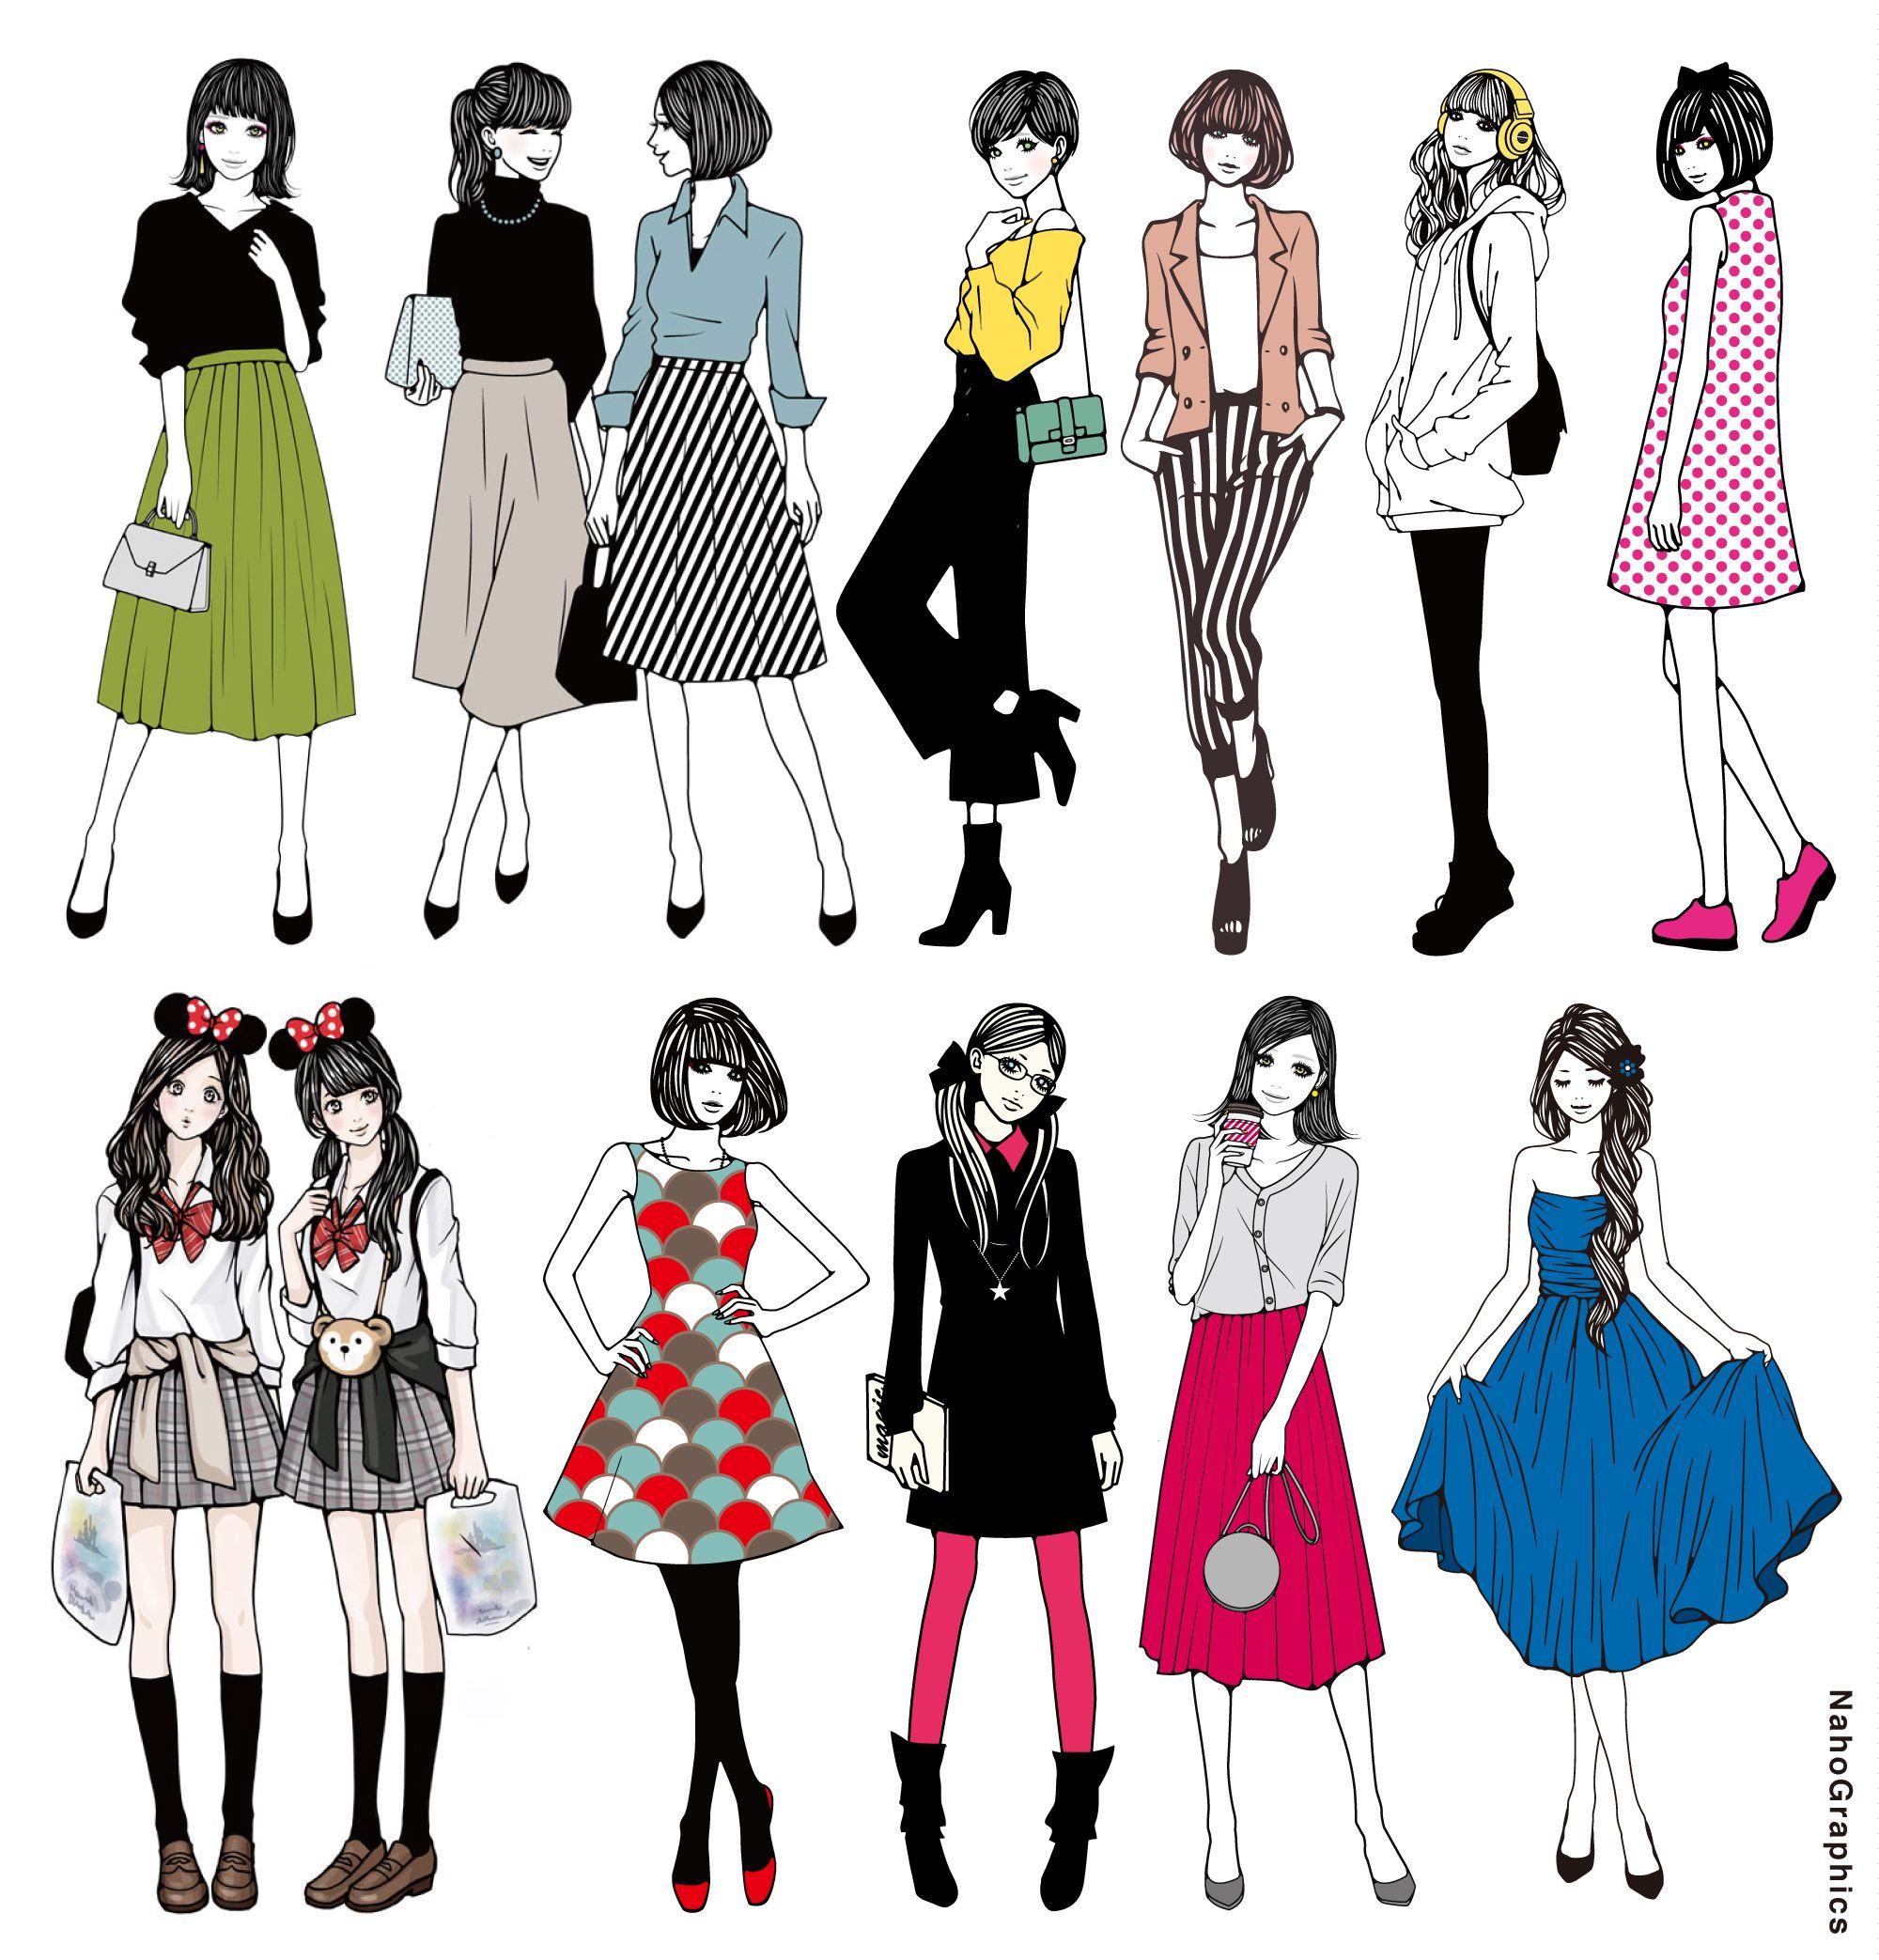 女性の全身イラスト集 2 イラスト 女の子 イラスト 服 イラスト集